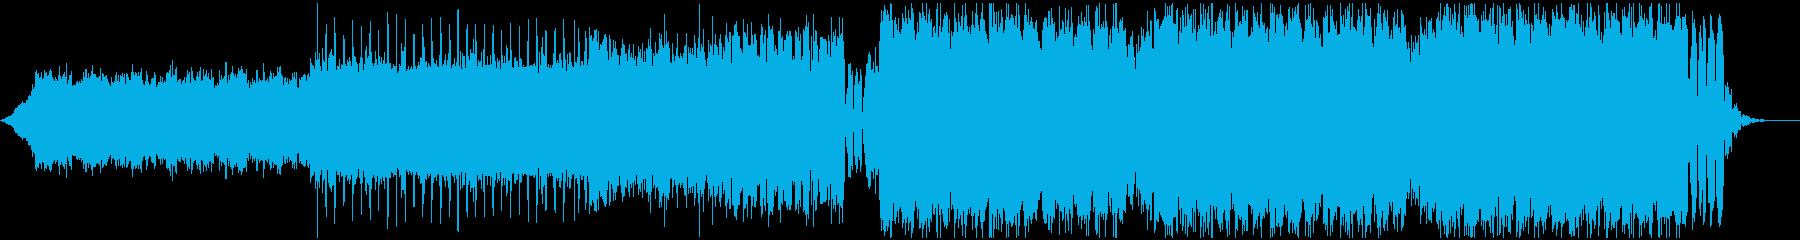 シンセ主体のキレイめで煌びやかなEDMの再生済みの波形